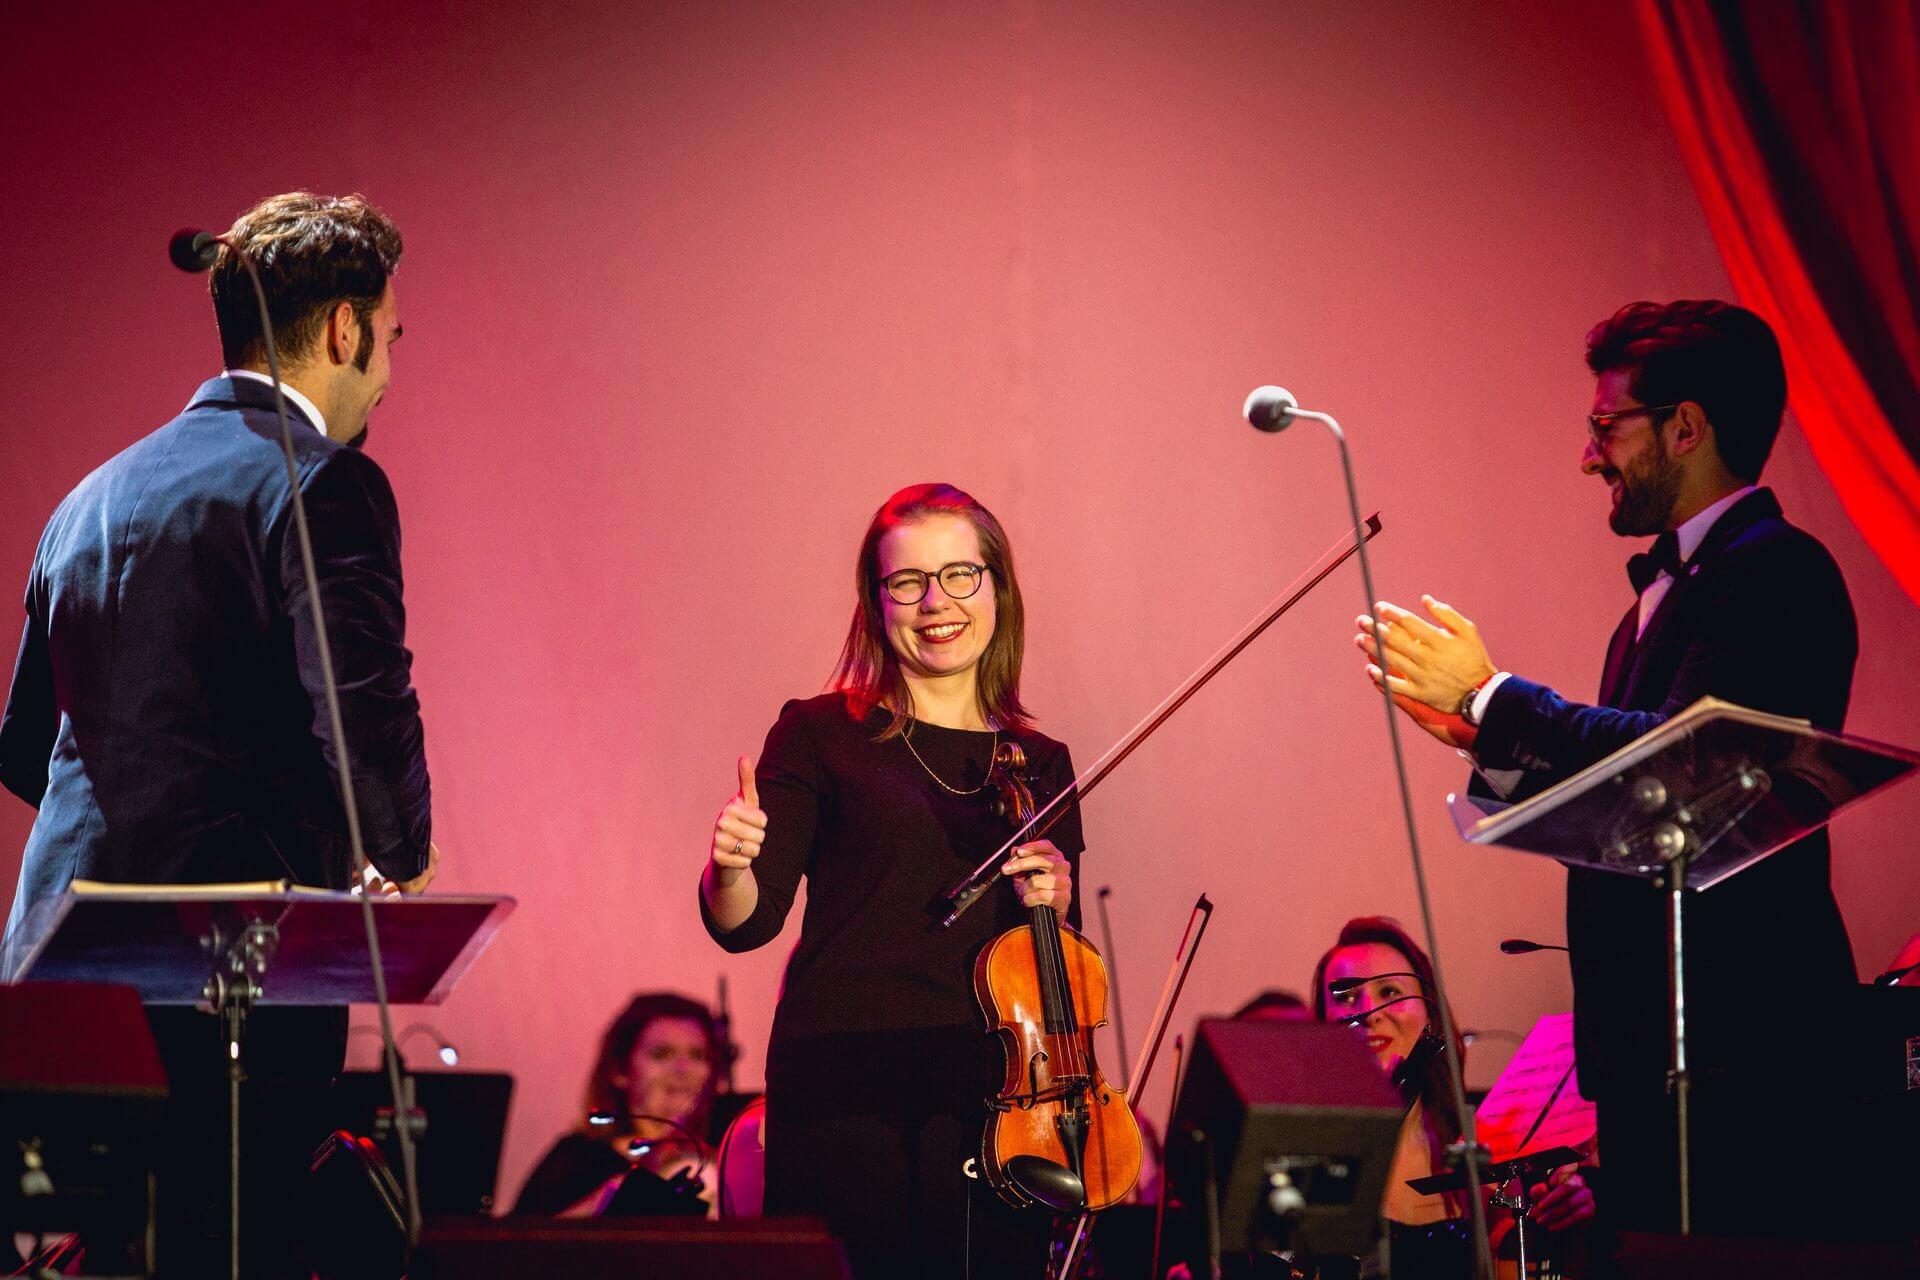 koncert Il Volo w Łodzi relacja zdjęcia film za sceną